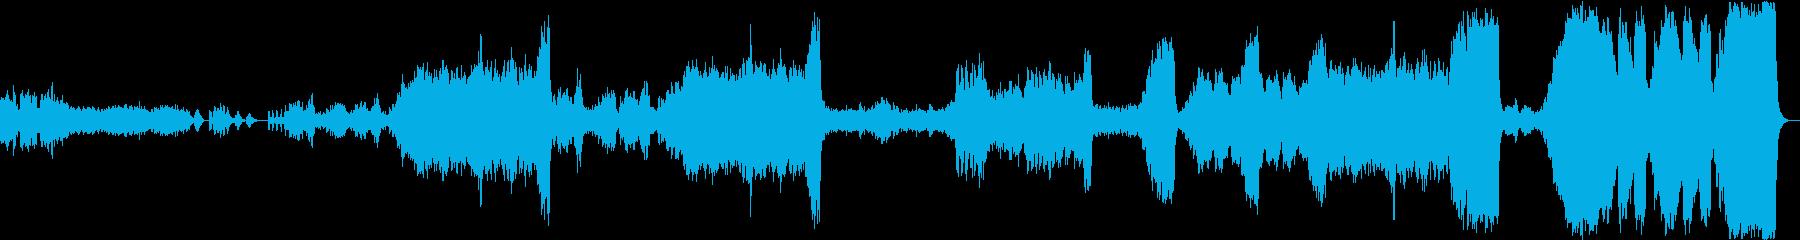 花のワルツ - チャイコフスキーの再生済みの波形